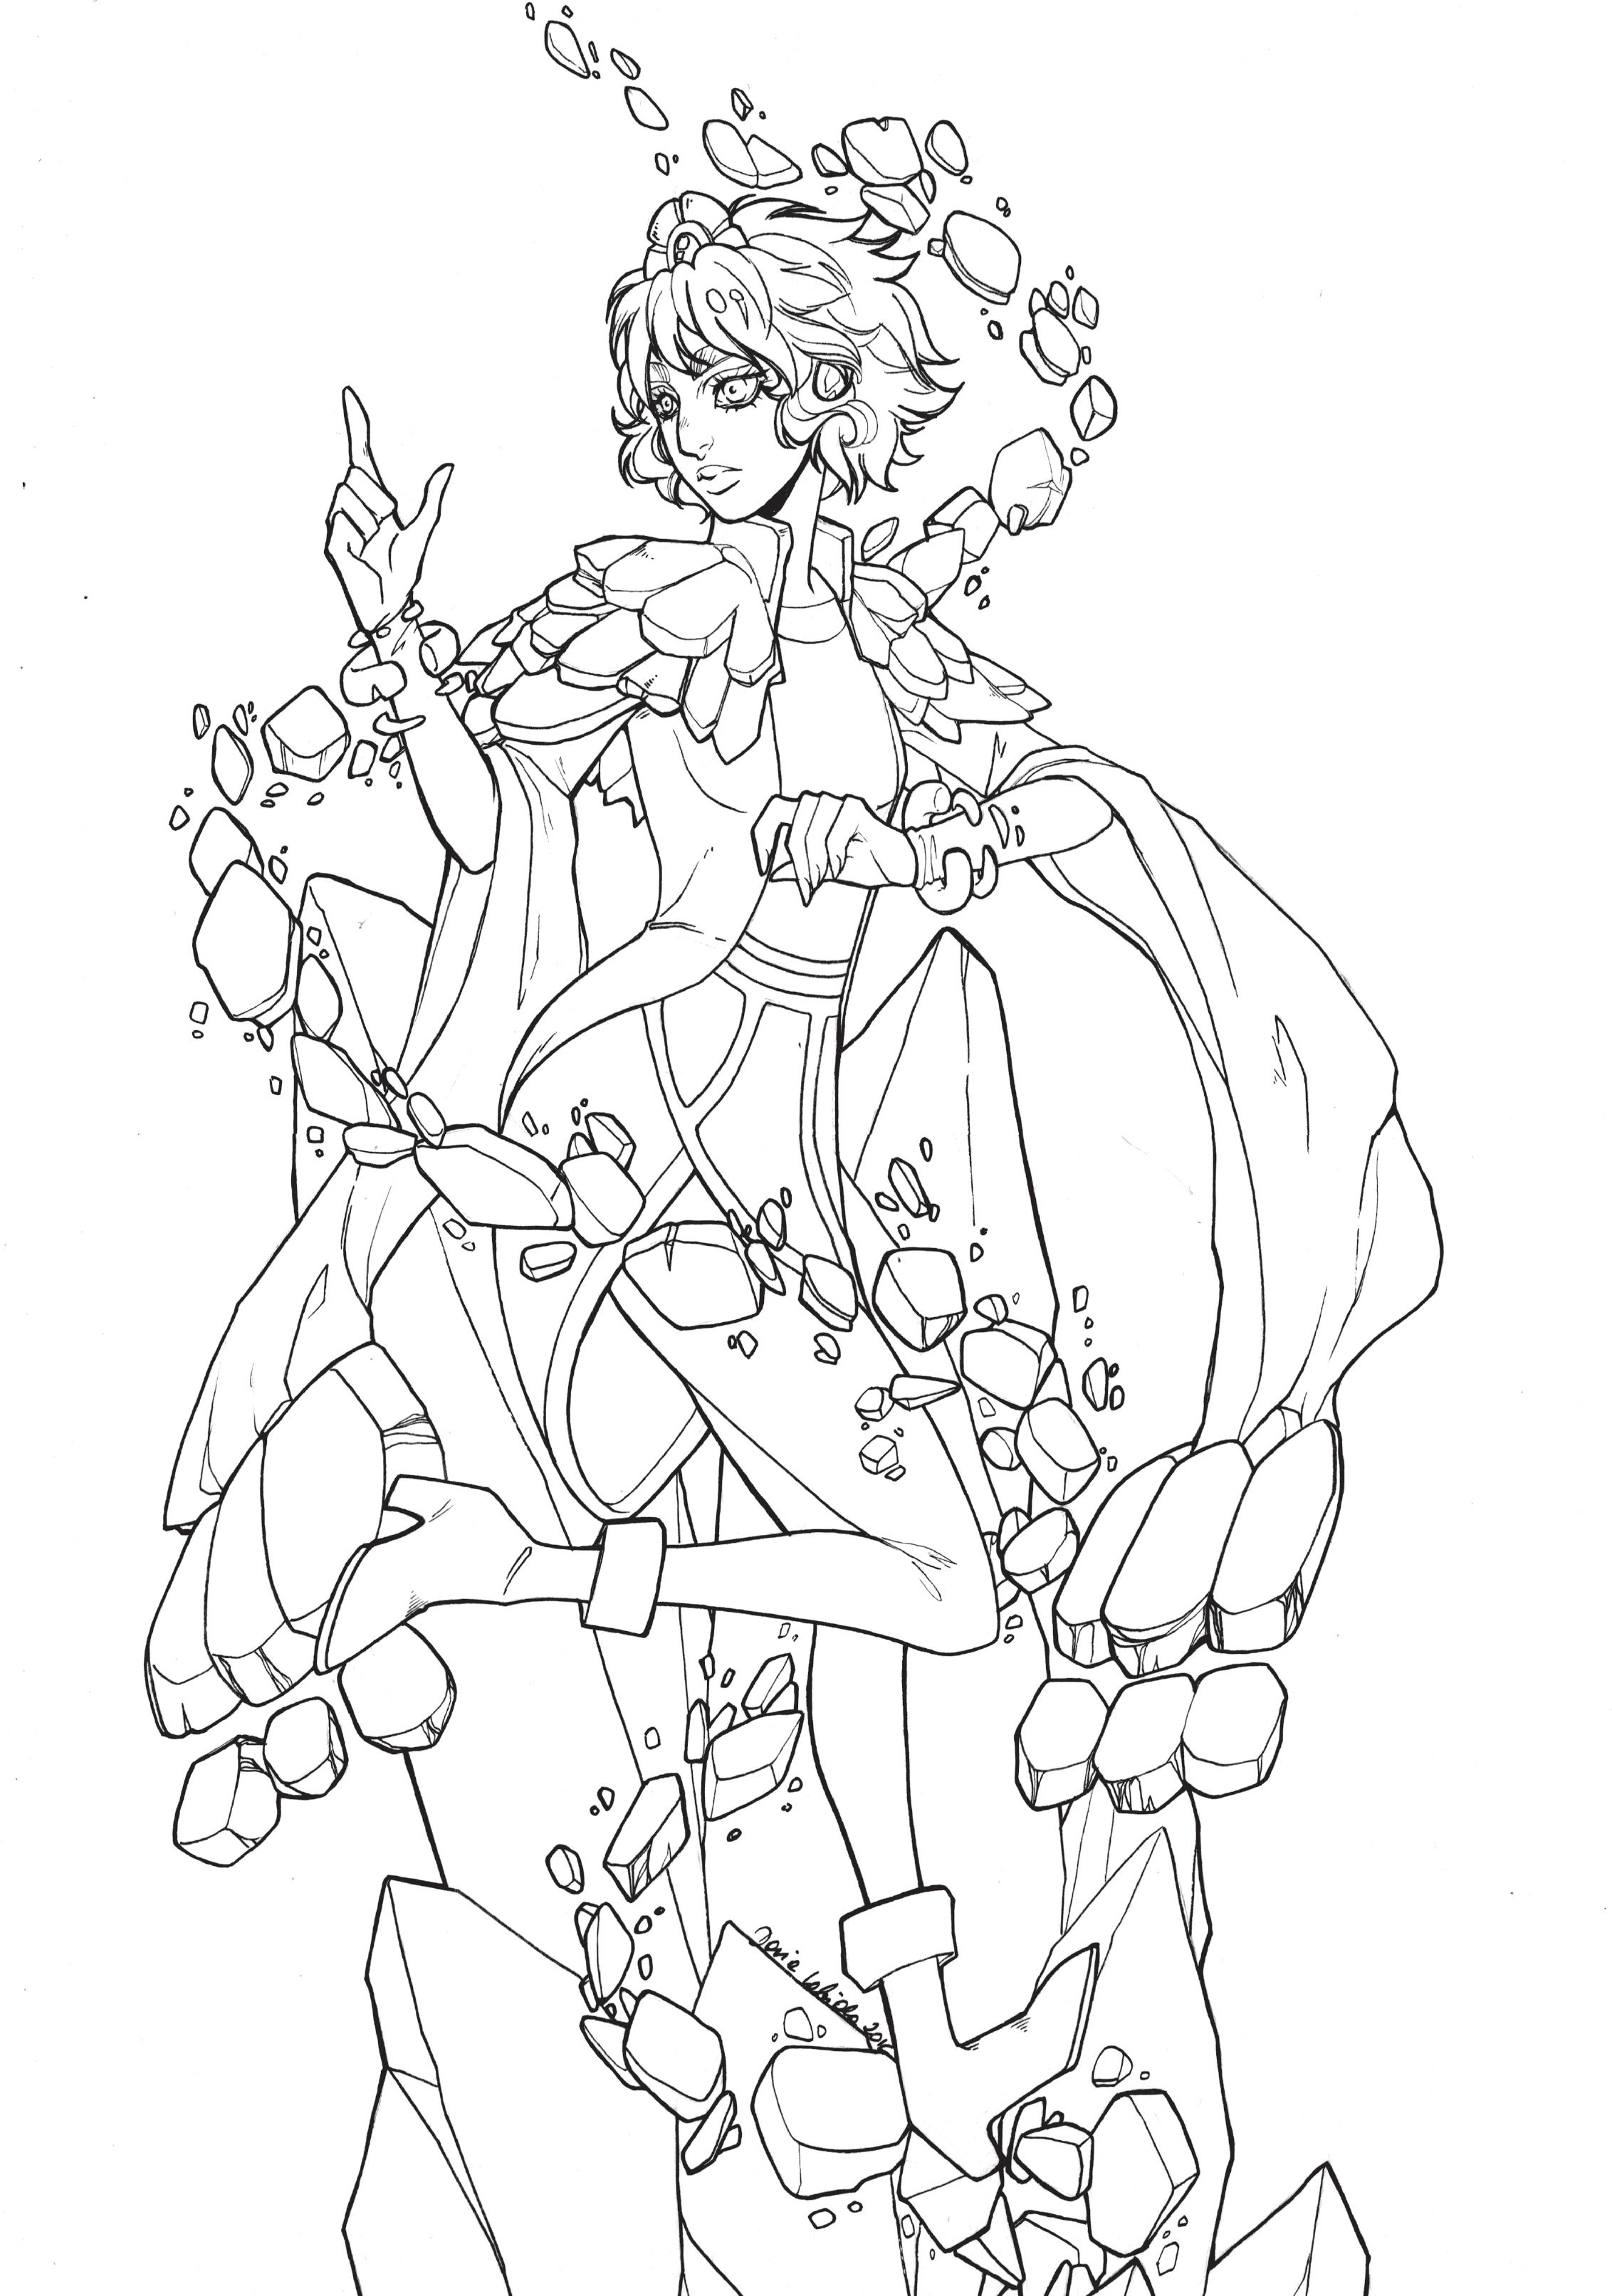 Dessin à colorier lol page sketch par Dar-Chan - Artherapie.ca